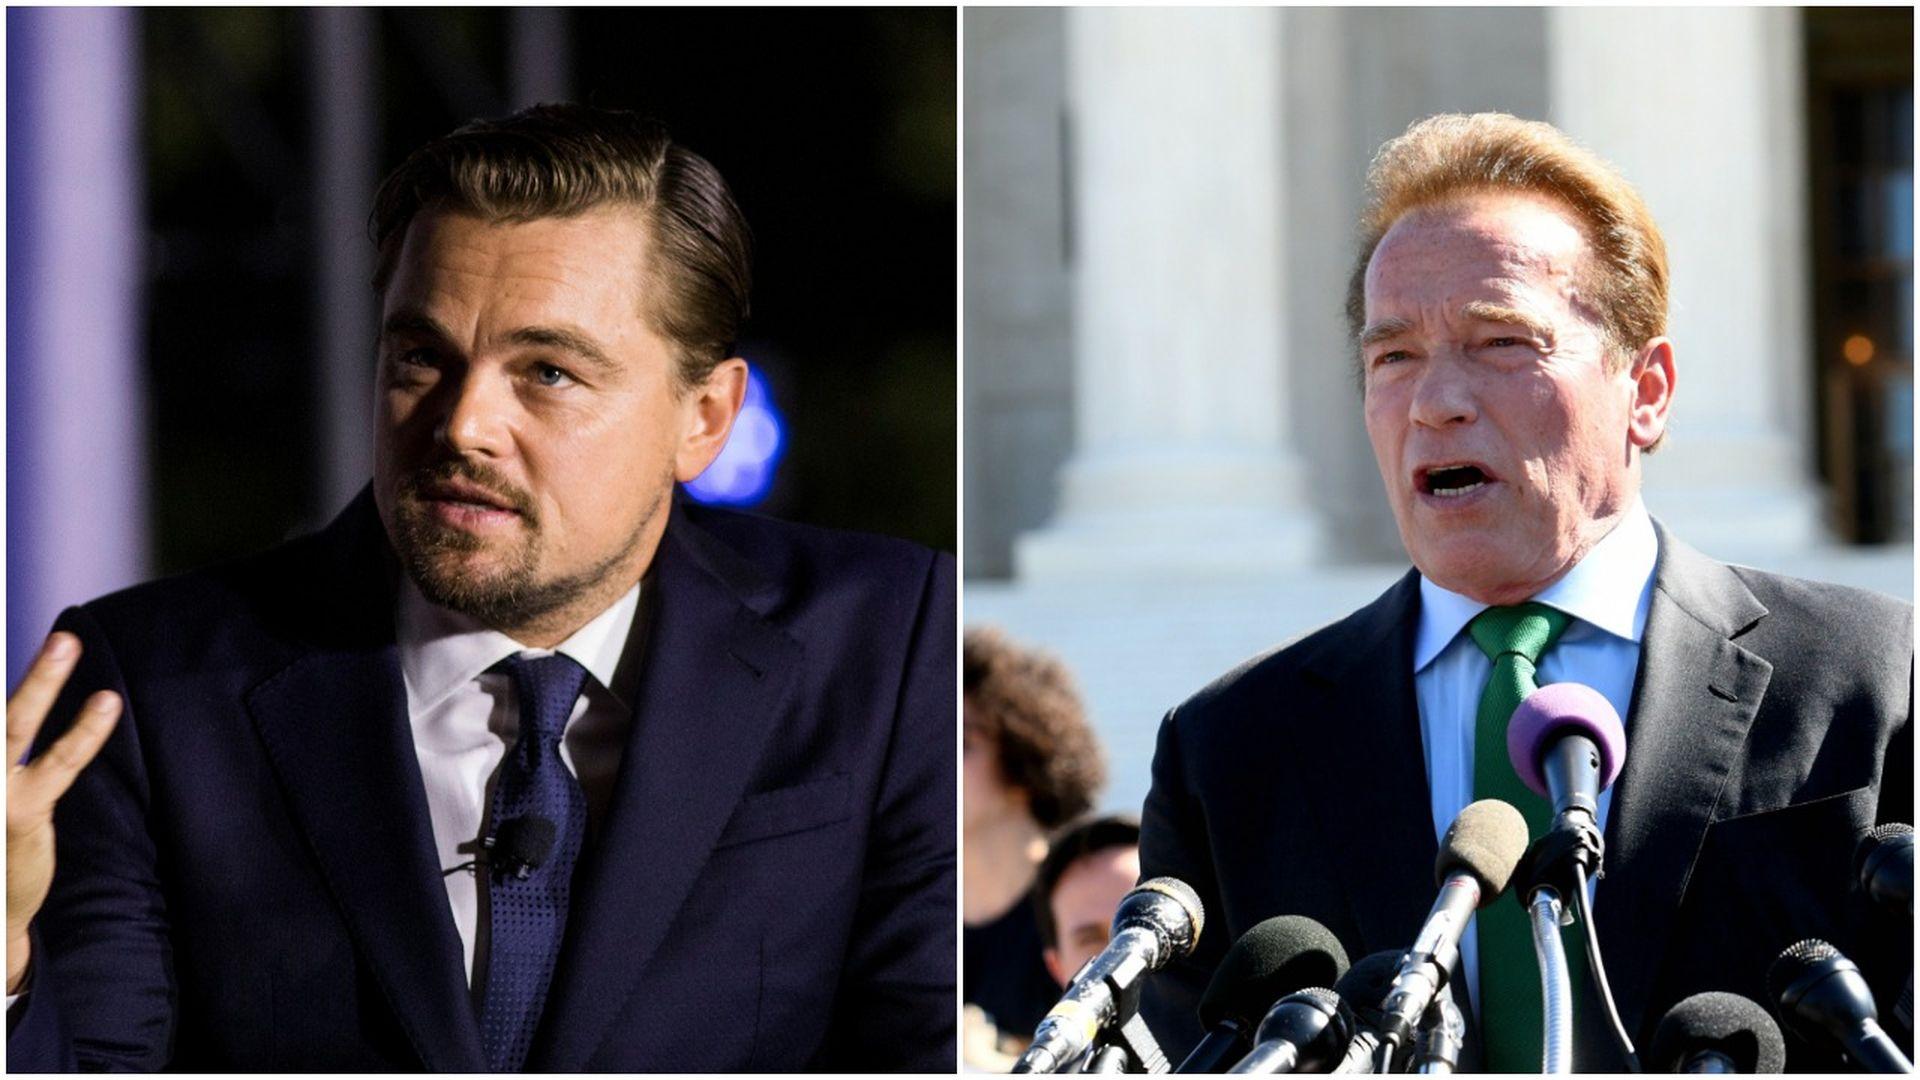 Leo DiCaprio and Arnold Schwarzenegger pic stitch